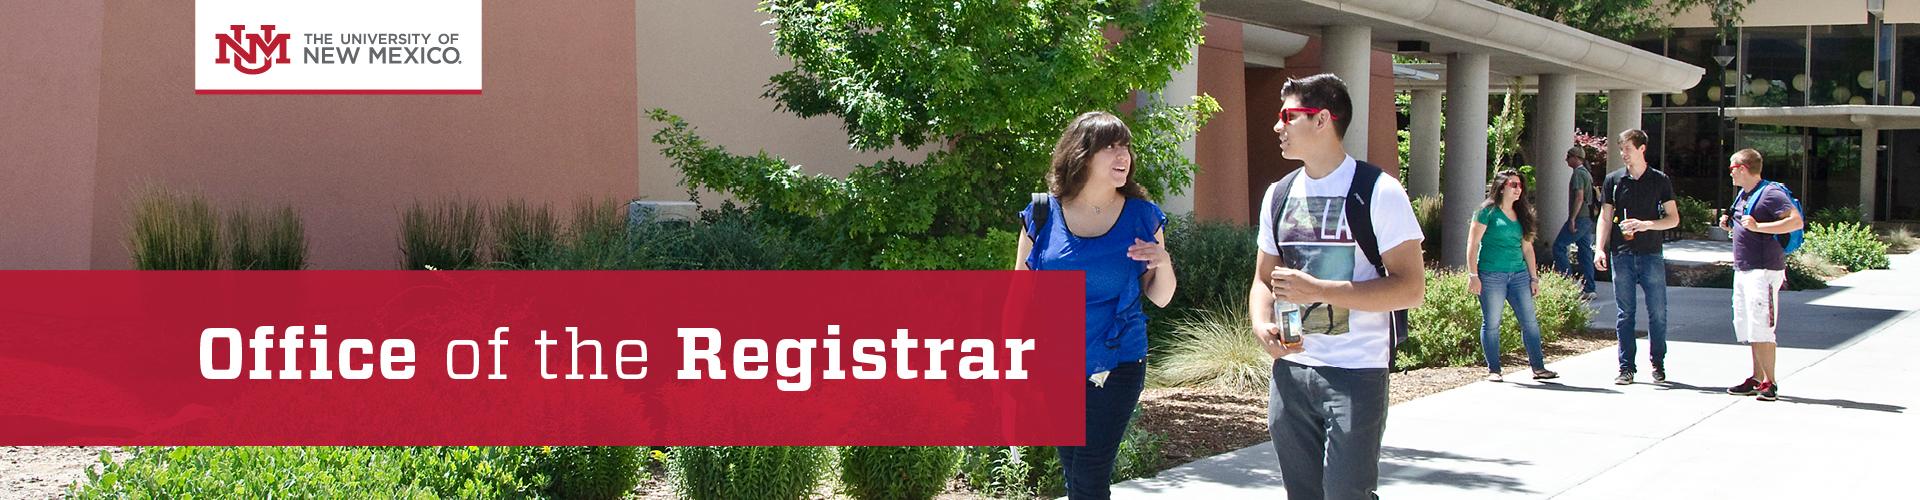 UNM Registrar Header Image